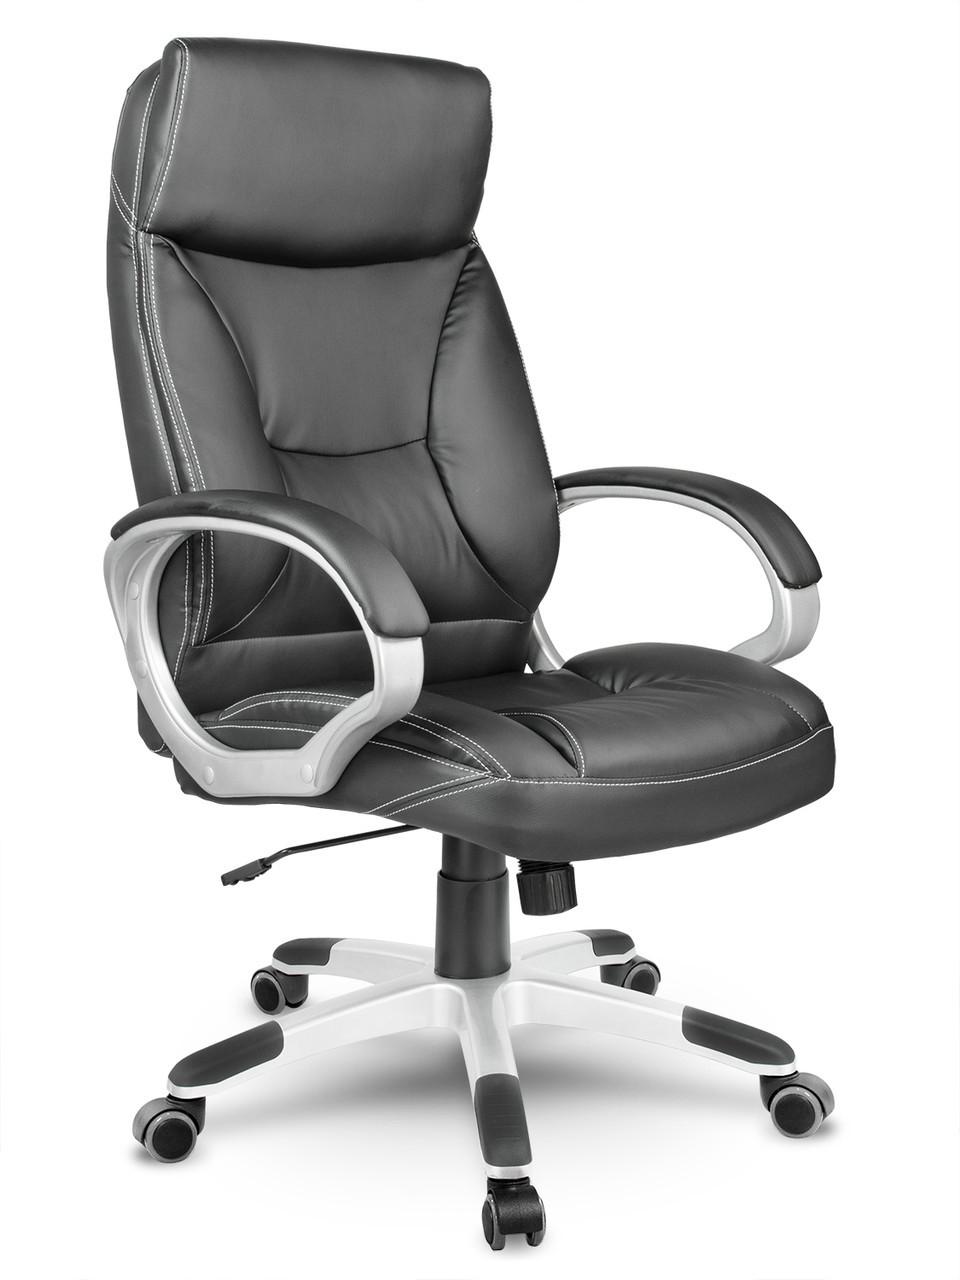 Кожаное офисное кресло Sofotel EG-223 черное